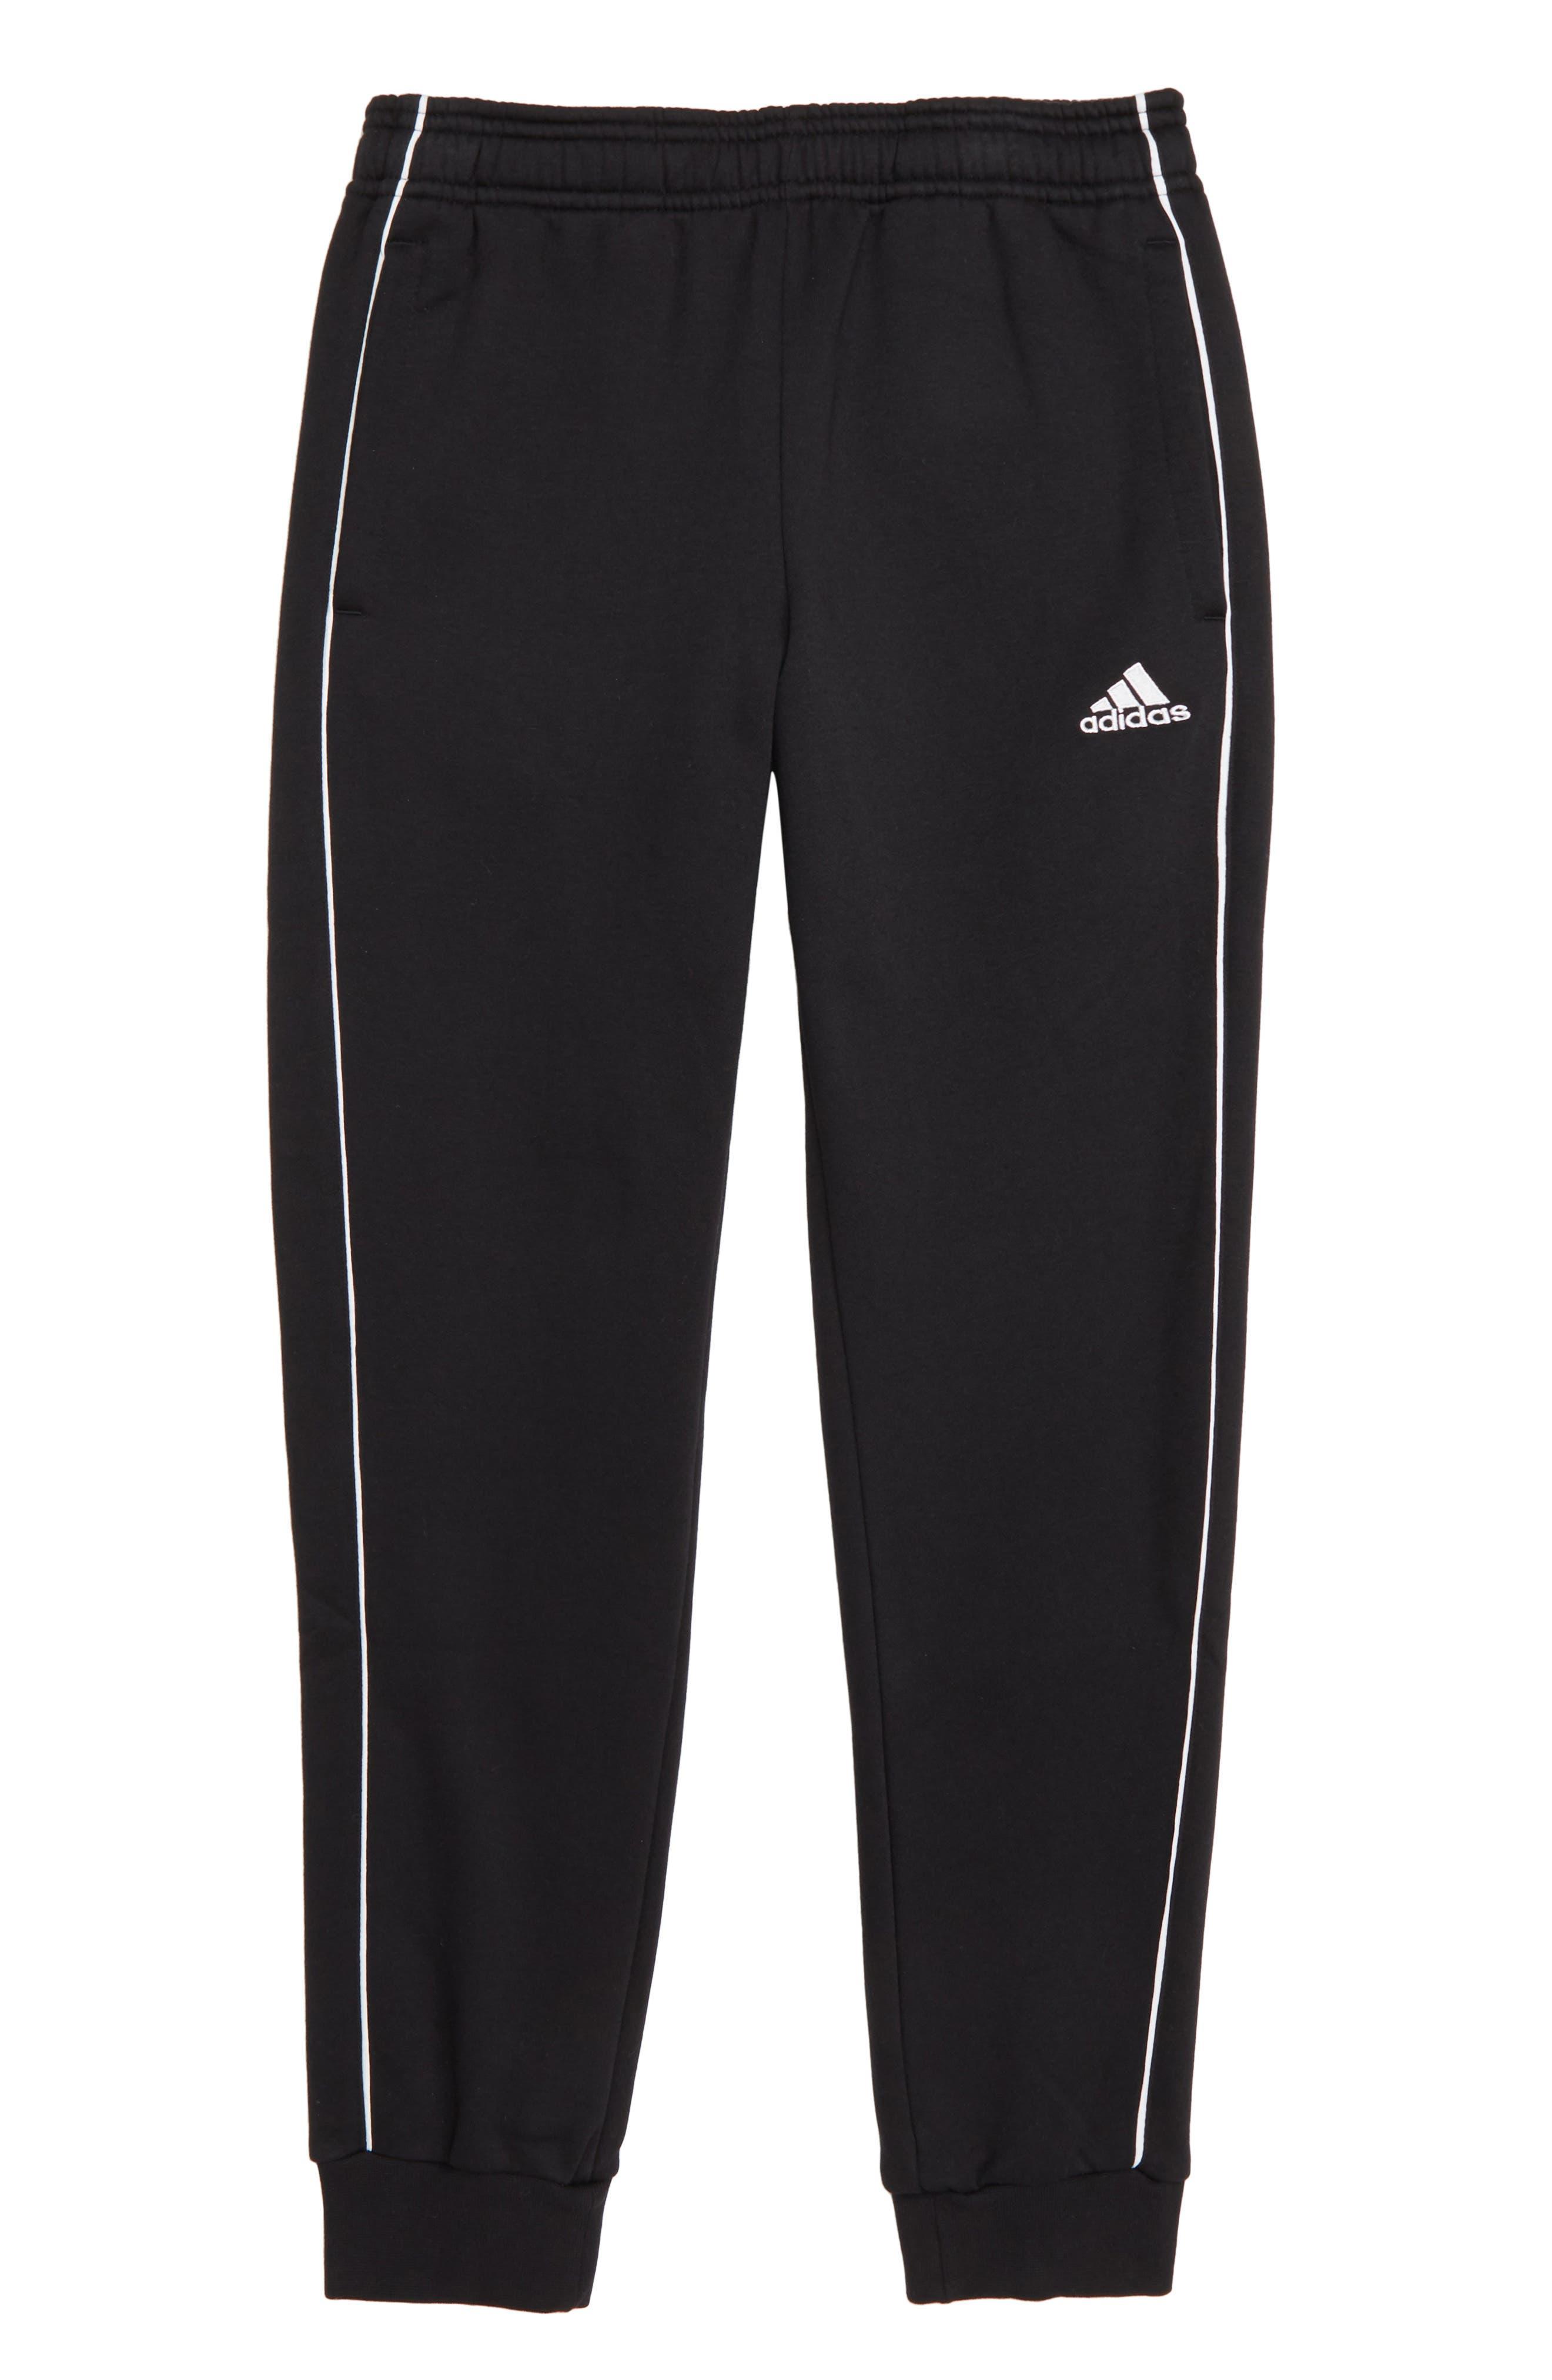 Boys Adidas Originals Core 18 Sweatpants